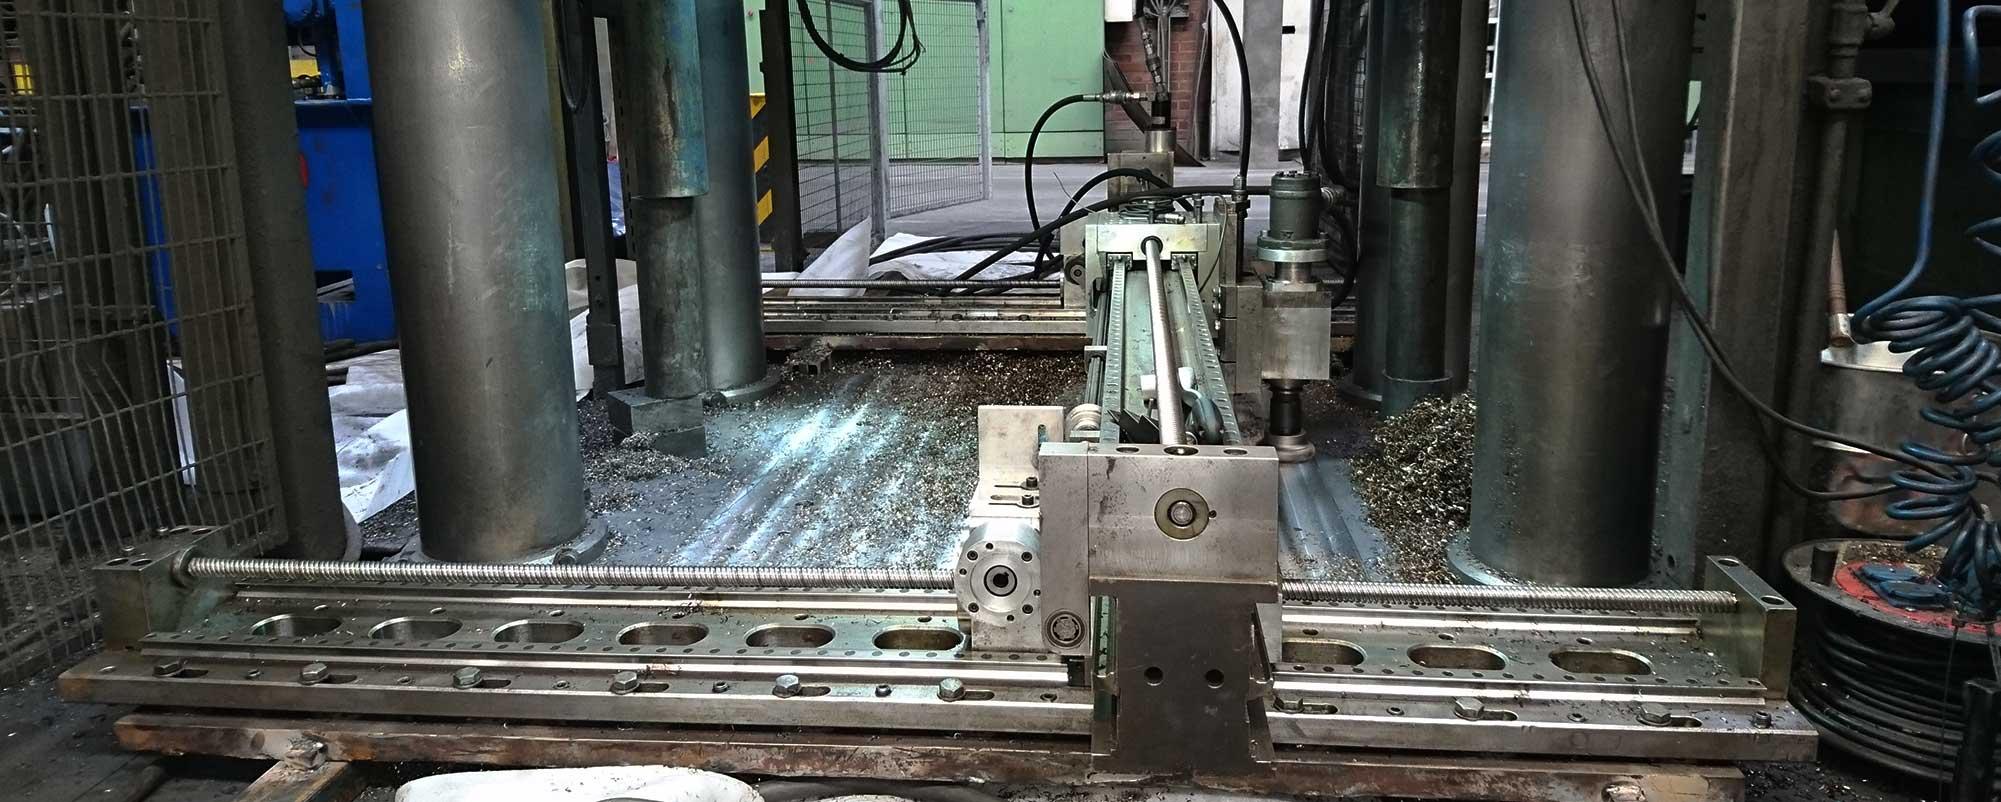 Maschinen- & Metallbau Dubiel - Referenzen